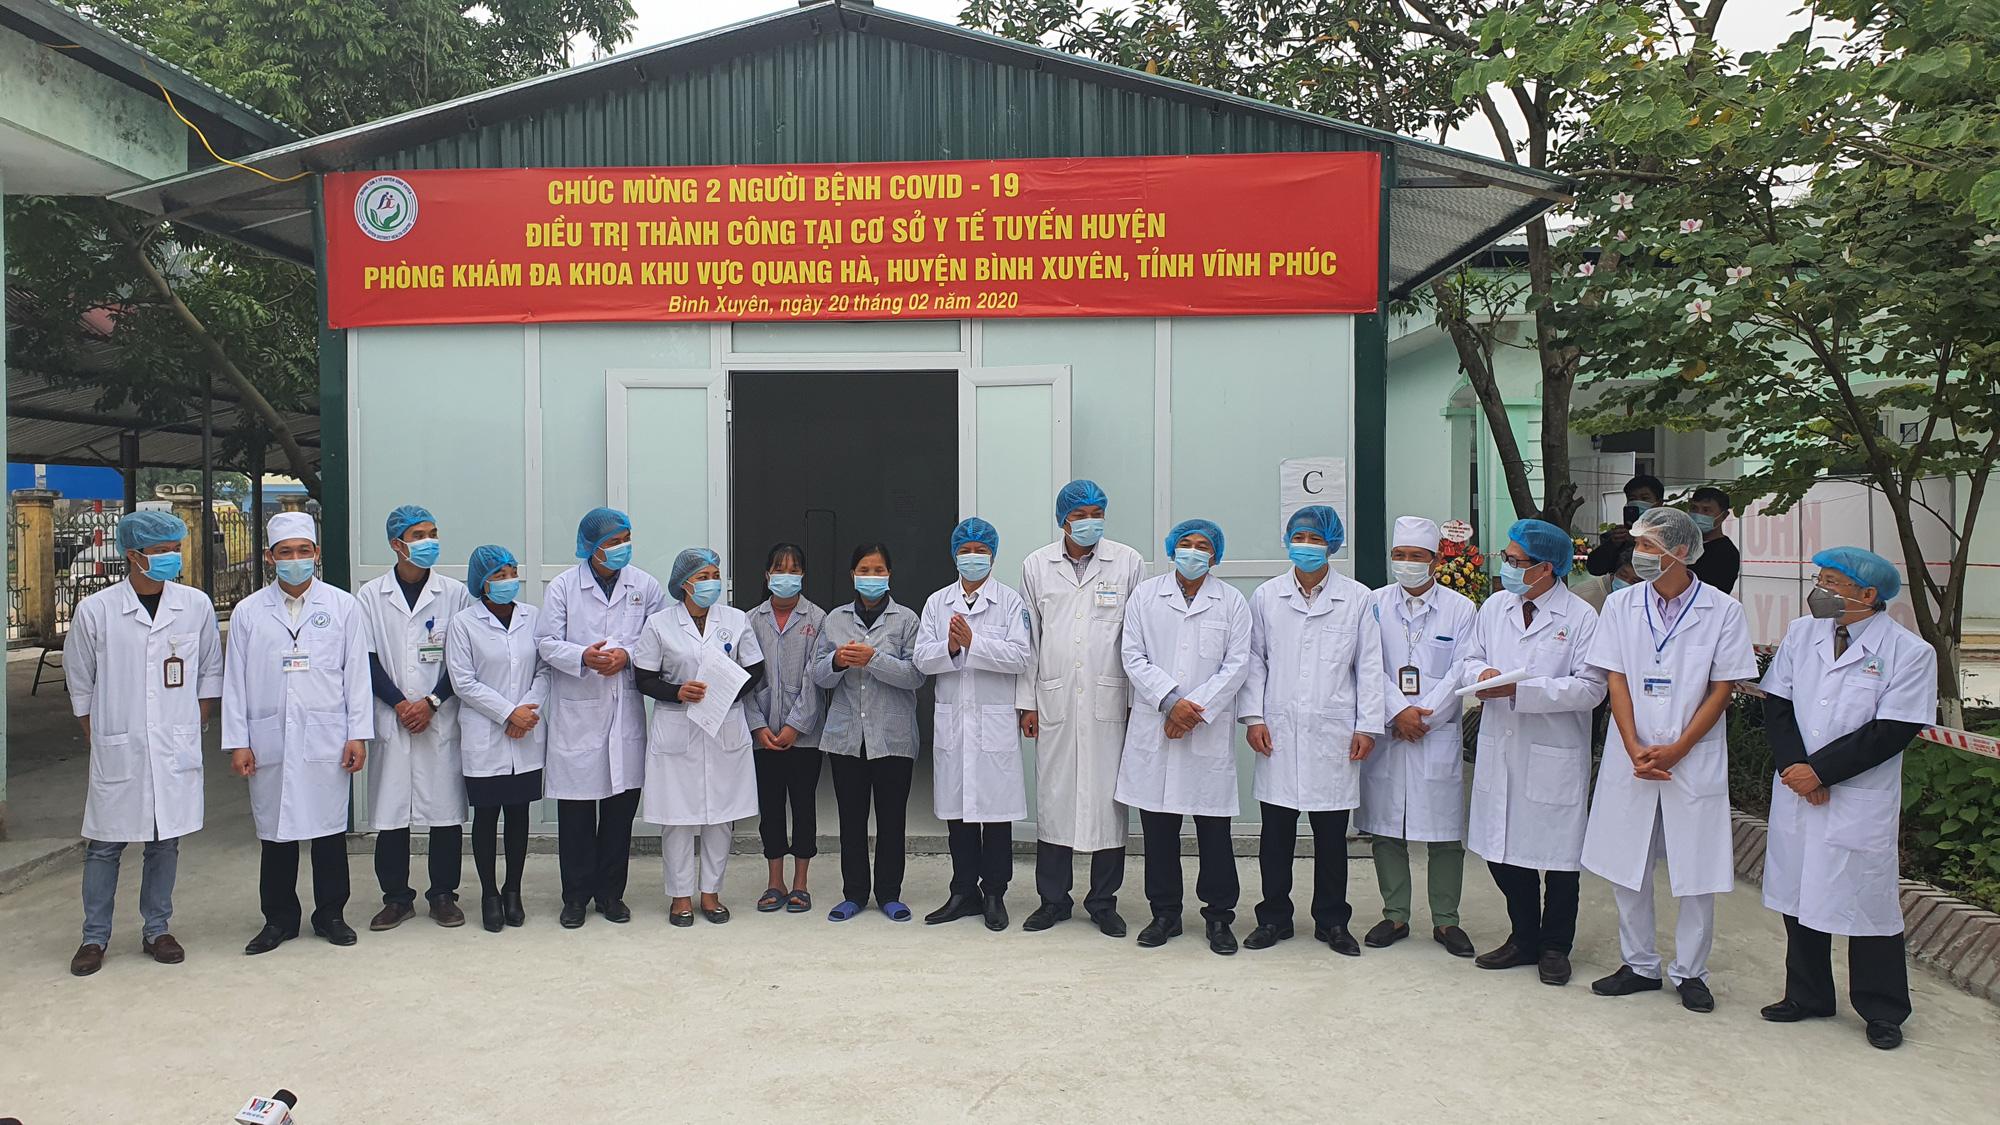 Thêm 2 người nhiễm Covid-19 ở Vĩnh Phúc xuất viện - Ảnh 2.